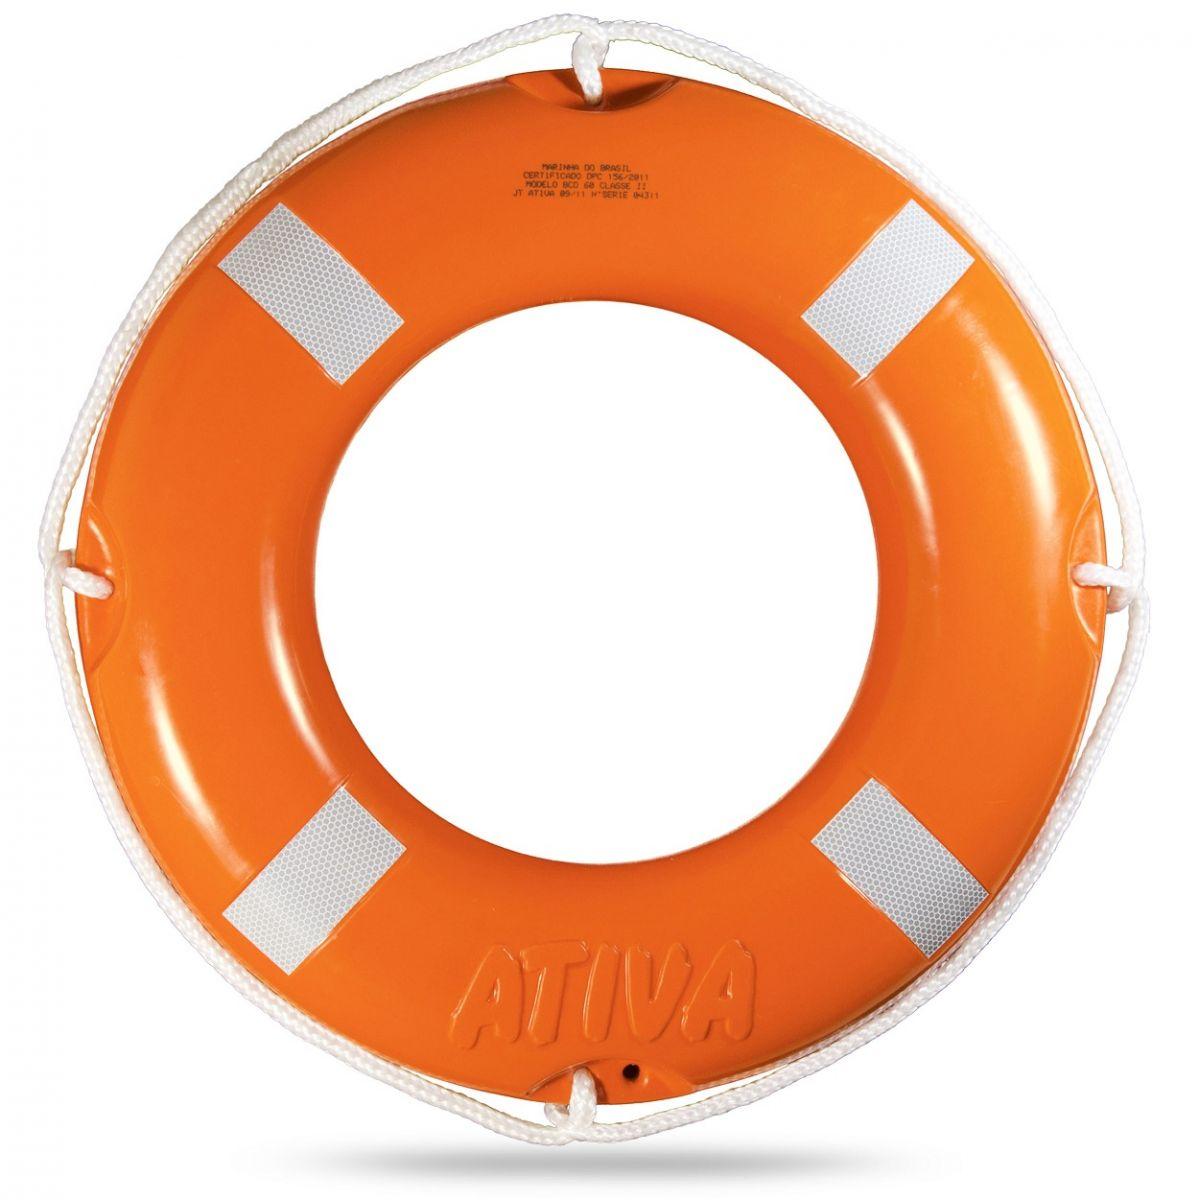 Boia Salva-Vidas Circular CLII